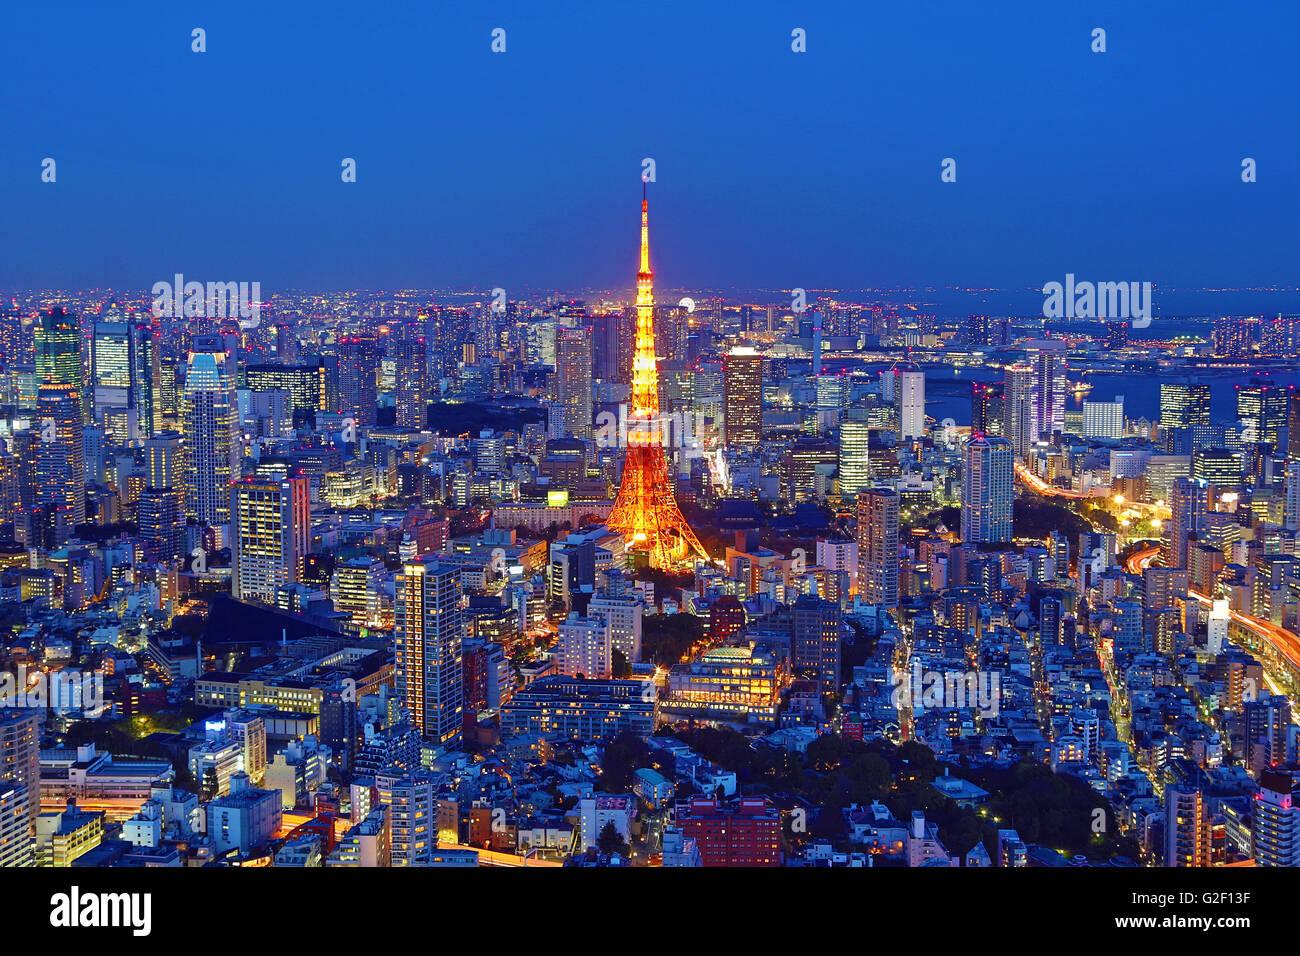 In generale lo skyline della città vista notturna con la Torre di Tokyo di Tokyo, Giappone Immagini Stock